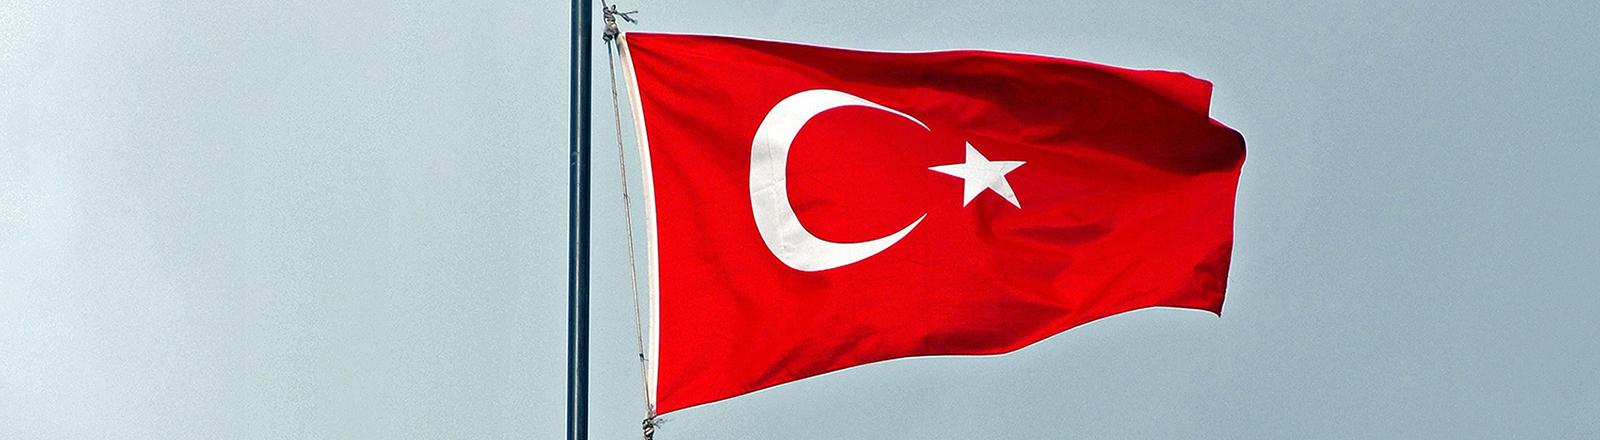 Die türkische Flagge über dem Haupteingangstor zum Topkapi-Serail, aufgenommen am 18.10.2013. Der Topkapi Serail, wörtlich übersetzt der Kanonentor-Palast, wurde ab 1453 kurz nach der Eroberung Konstantinopels erbaut, der damalige Herrscher Mehmet II. befand die strategische Lage auf einer Landzunge zwischen Marmarameer und dem Goldenen Horn für ideal. Seit Baubeginn war der Topkapi der Sitz aller osmanischen Herrscher bis 1856 mit dem Bau des moderneren Dolmabahce-Palast begonnen wurde, der dann neues Domizil der Herrscher wurde.